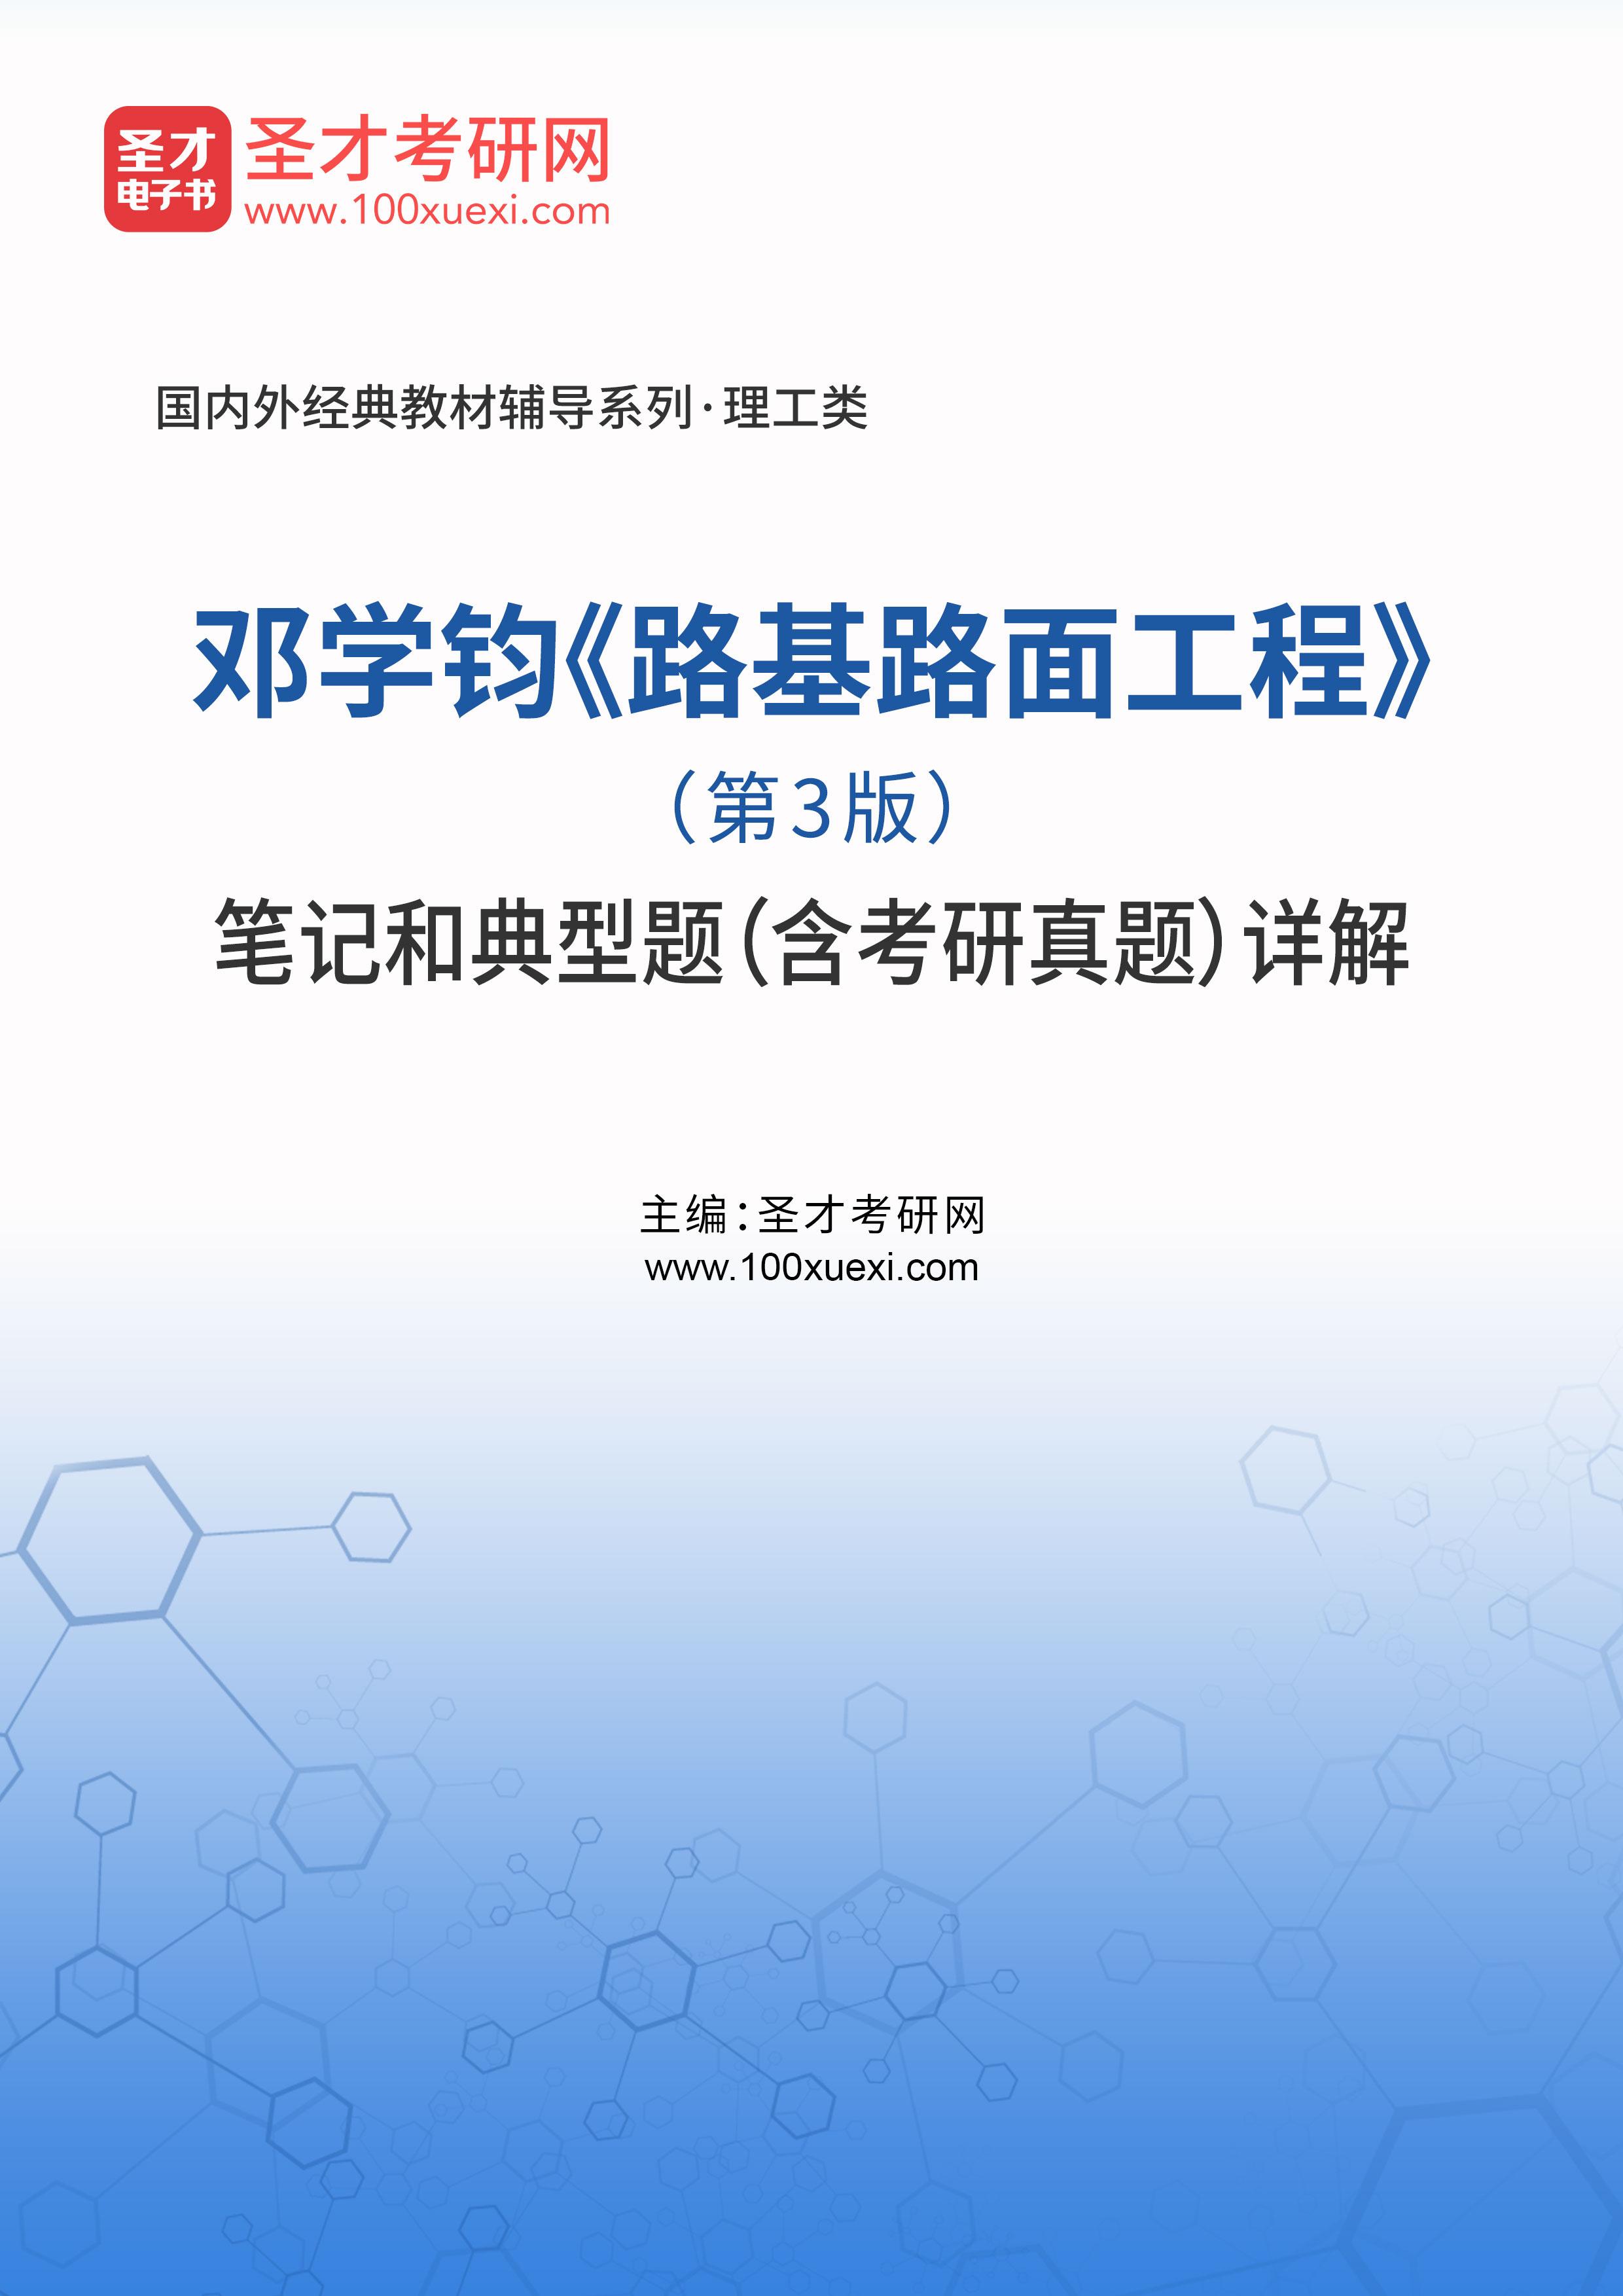 邓学钧《路基路面工程》(第3版)笔记和典型题(含考研真题)详解